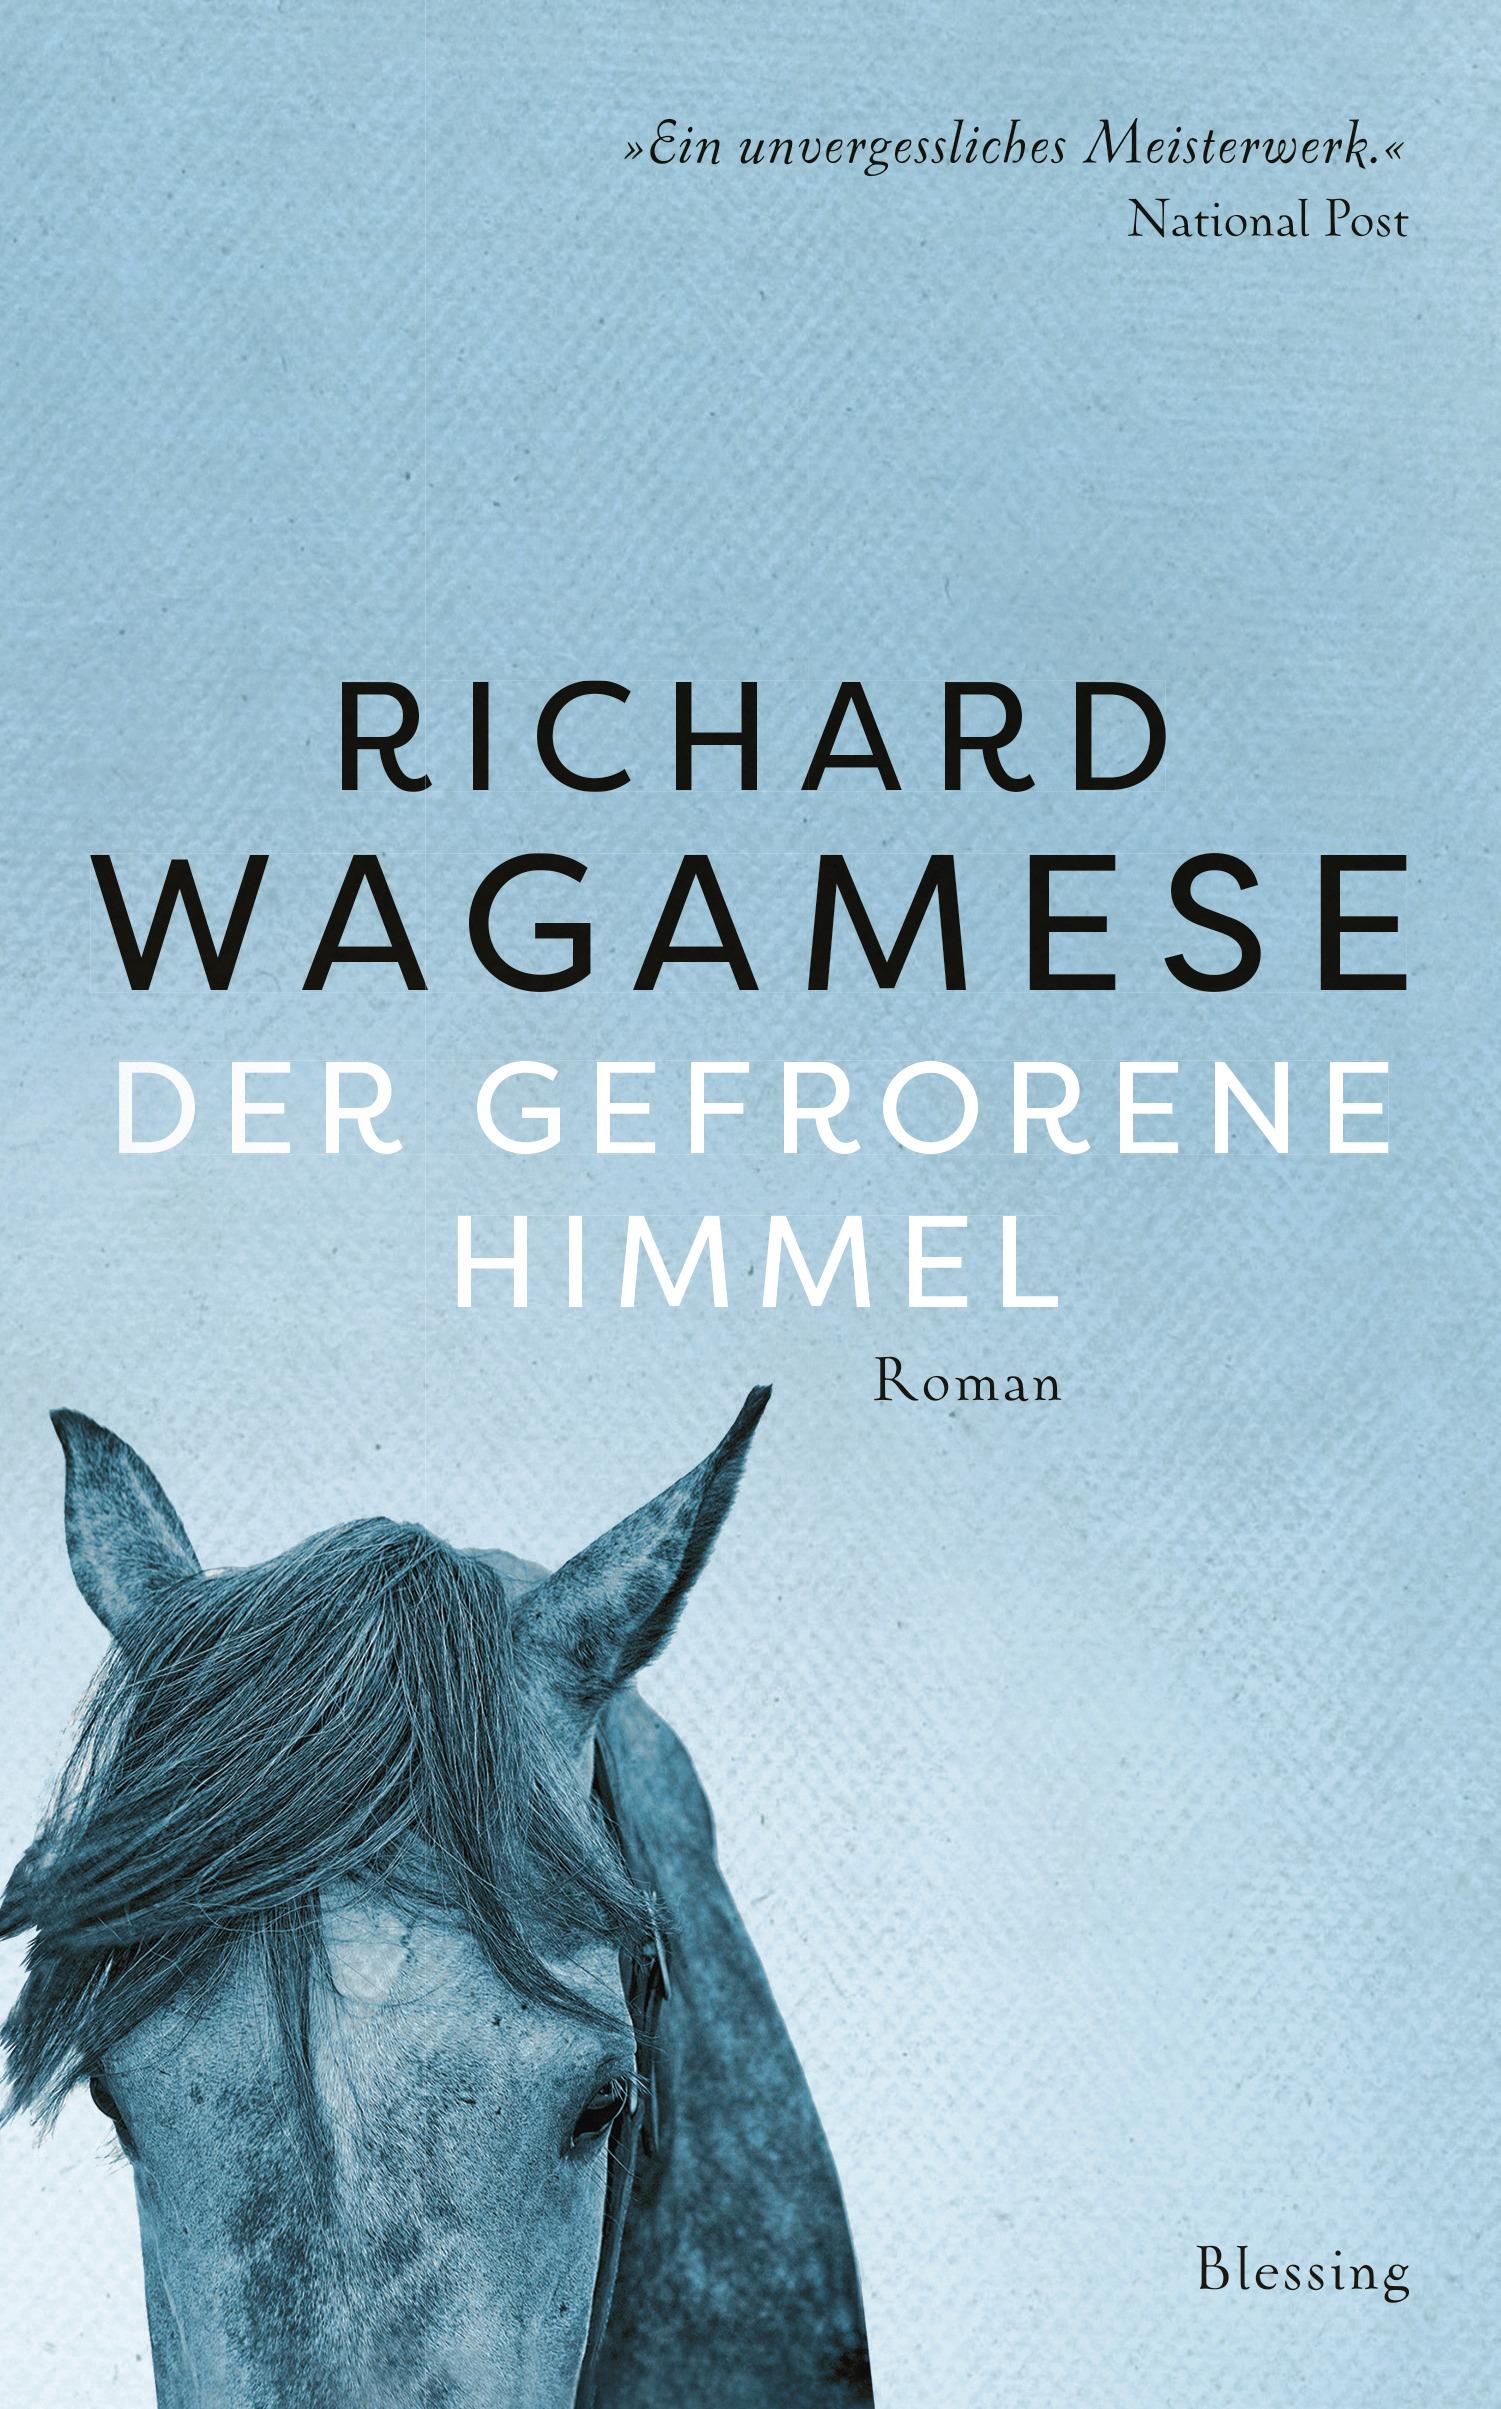 Der gefrorene Himmel von Richard Wagamese Parkbuchhandlung Buchhandlung Bonn Bad Godesberg